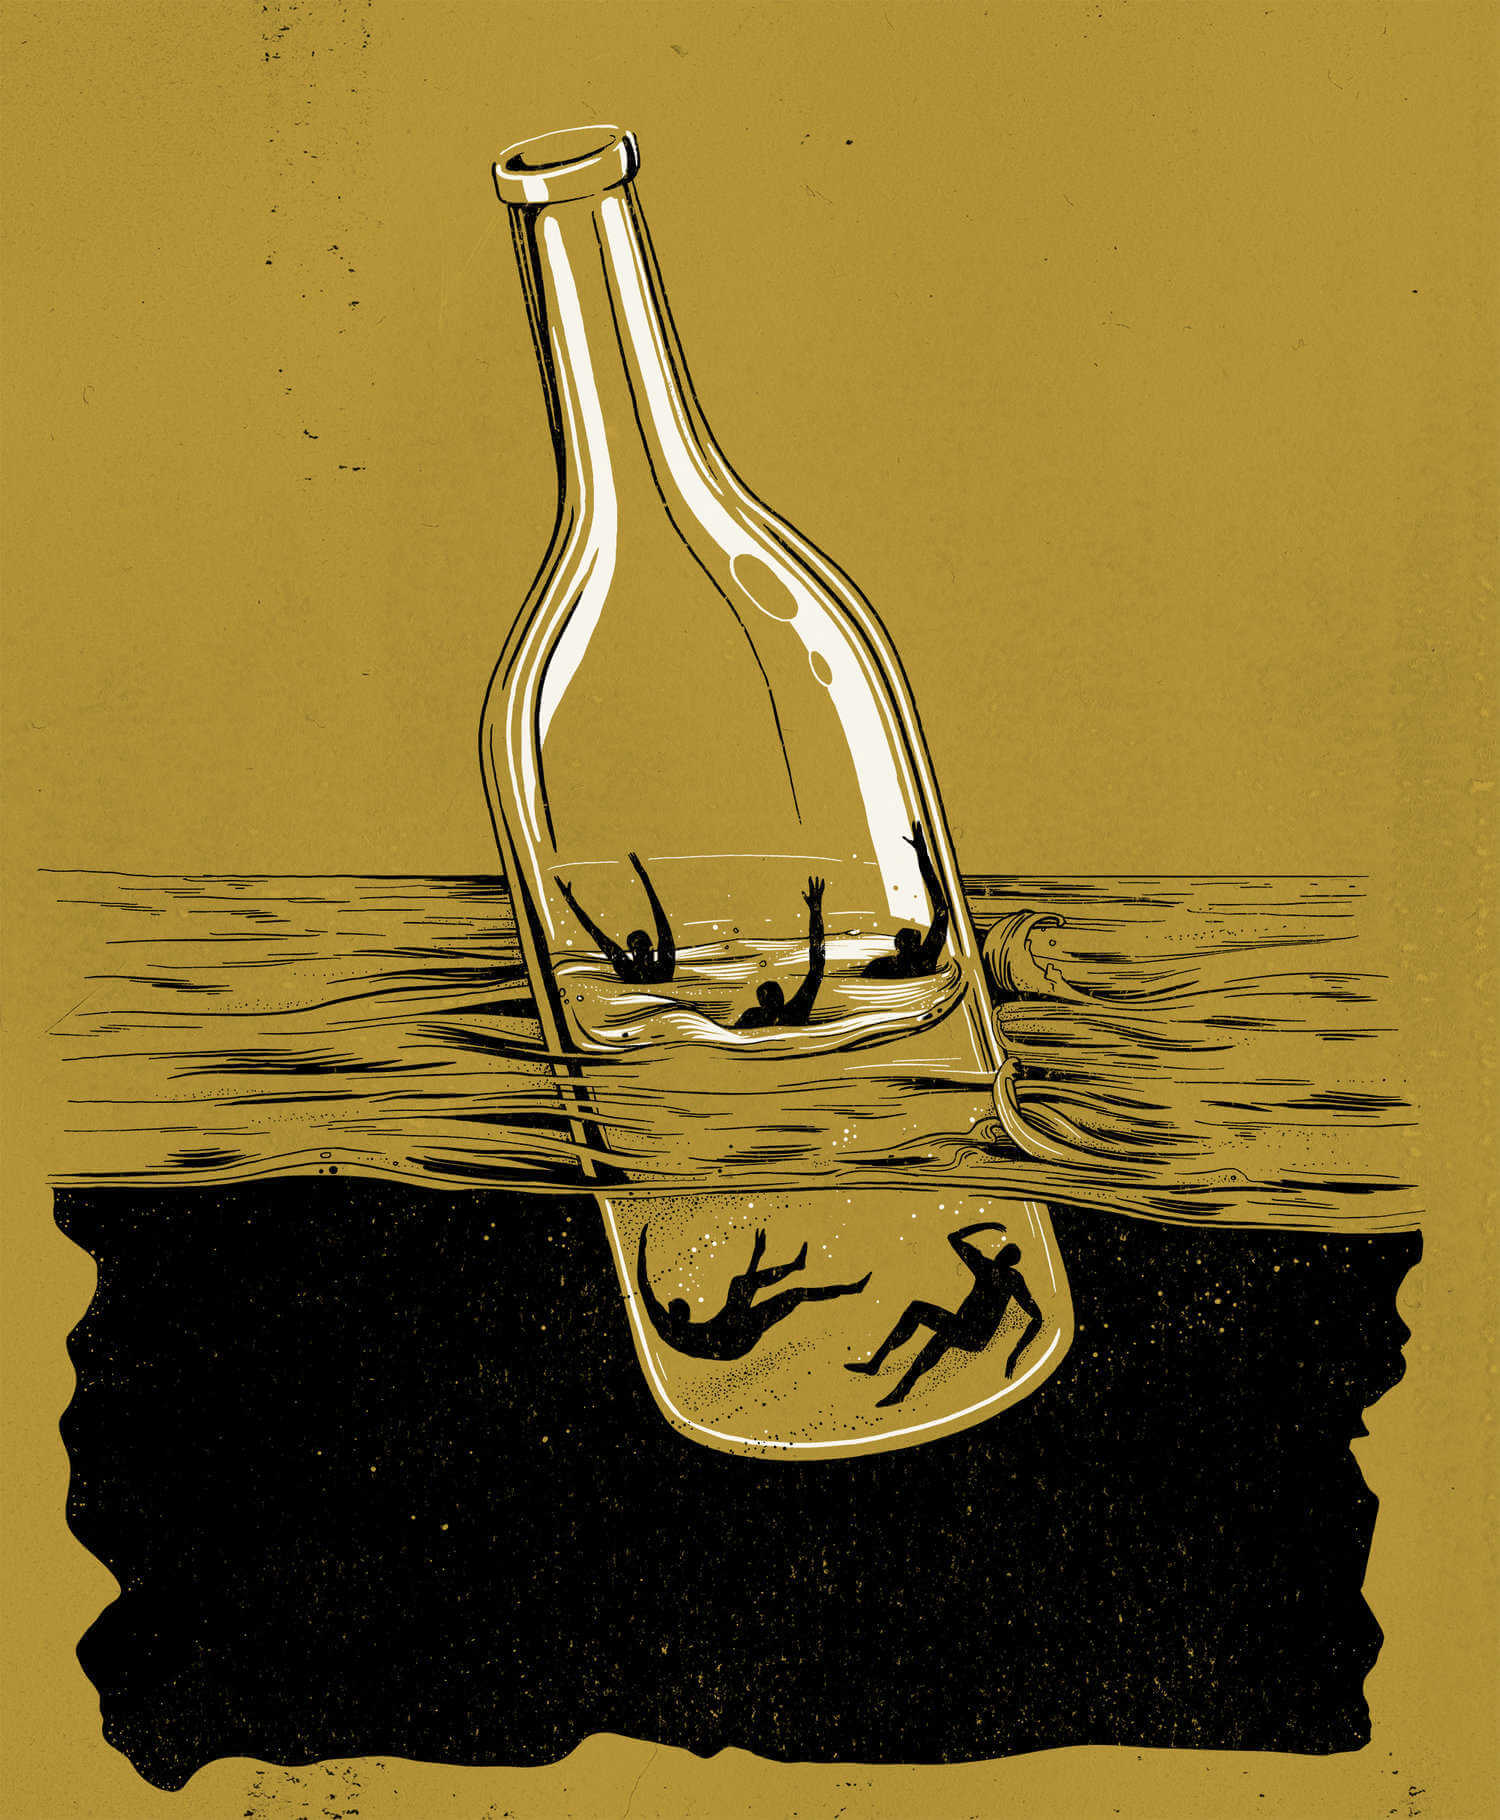 ilustracion satirica ahogados en una botella